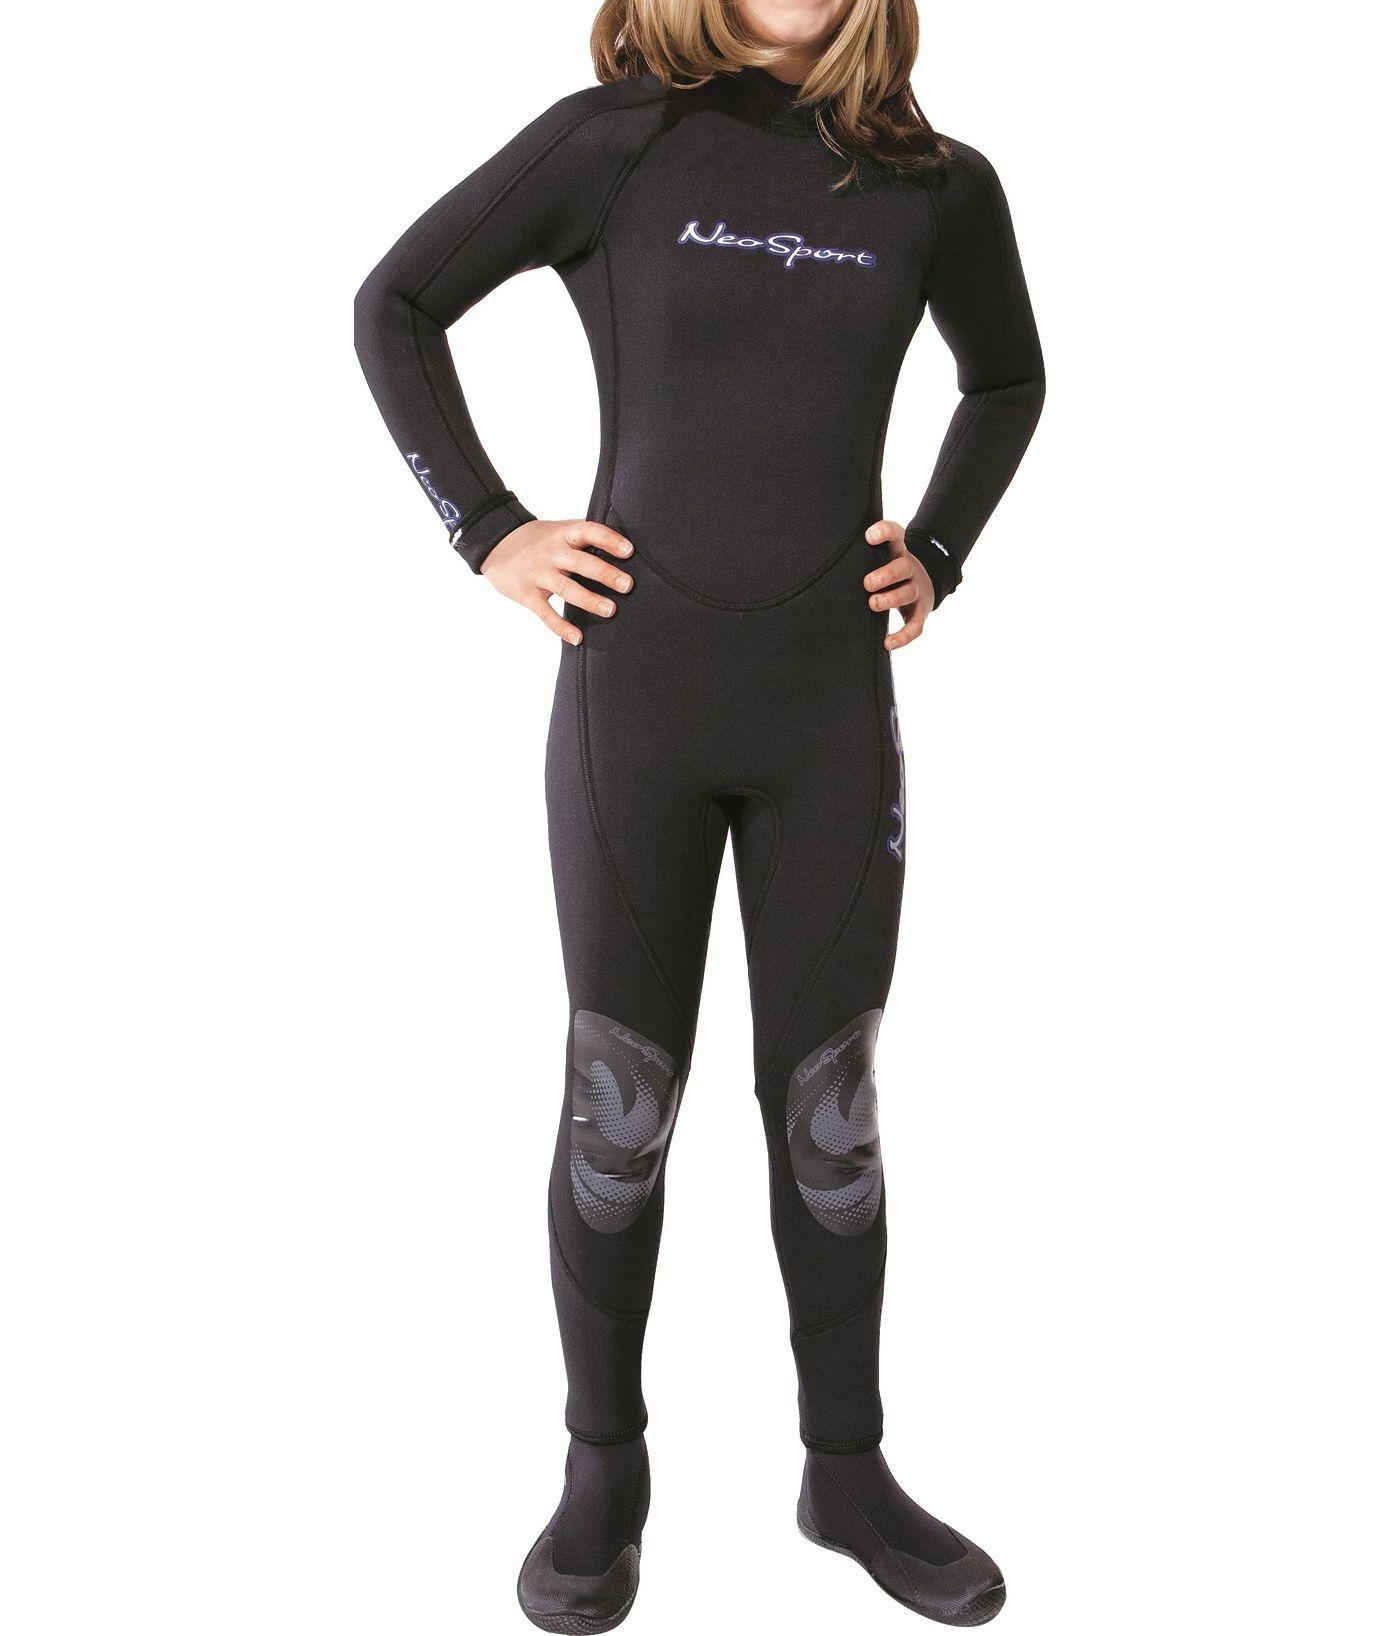 NEOSPORT Jr. 3mm Jumpsuit Wetsuit